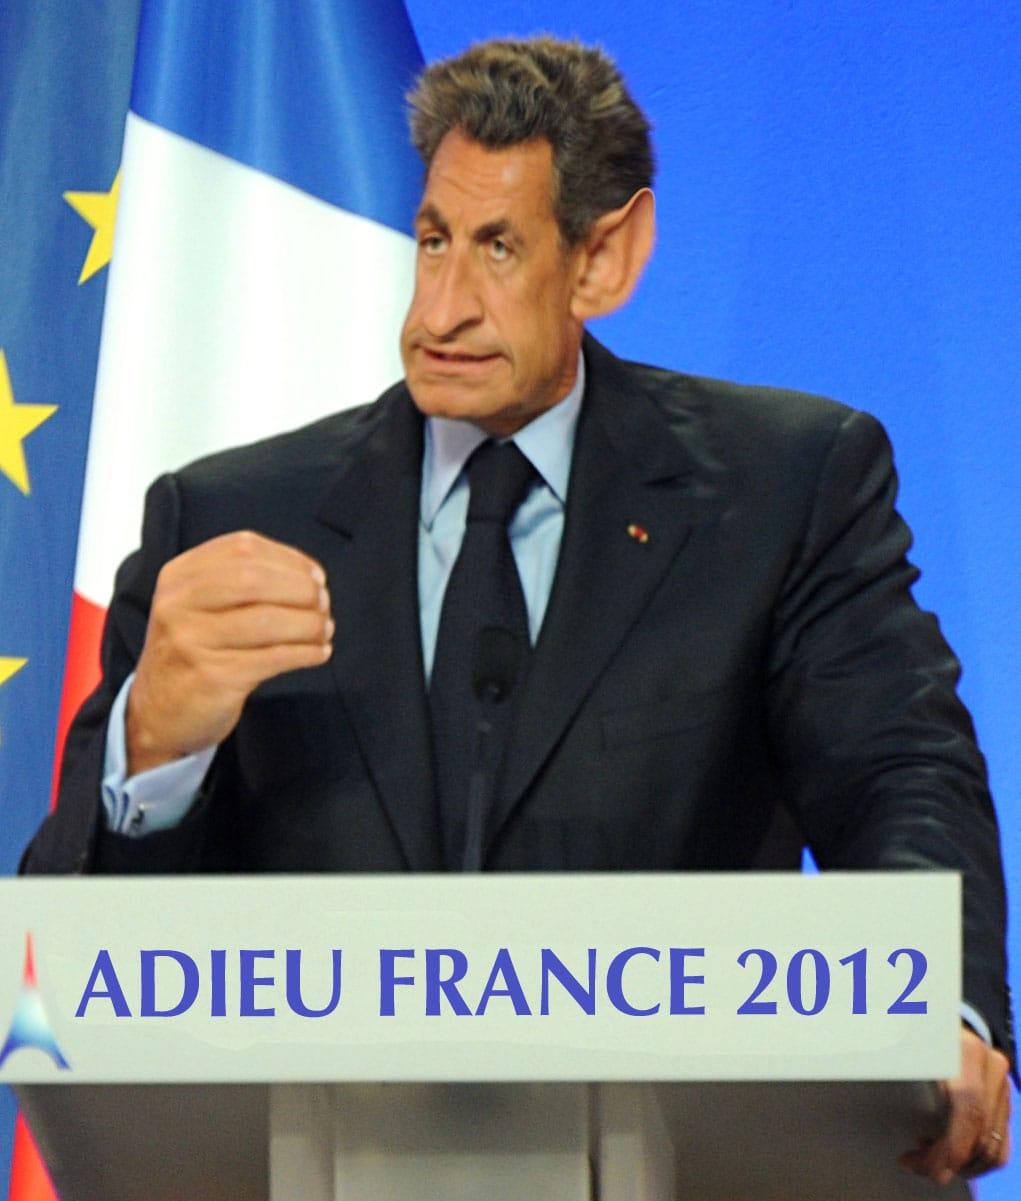 Sarkozy auf der Flucht - Asyl bei Merkel